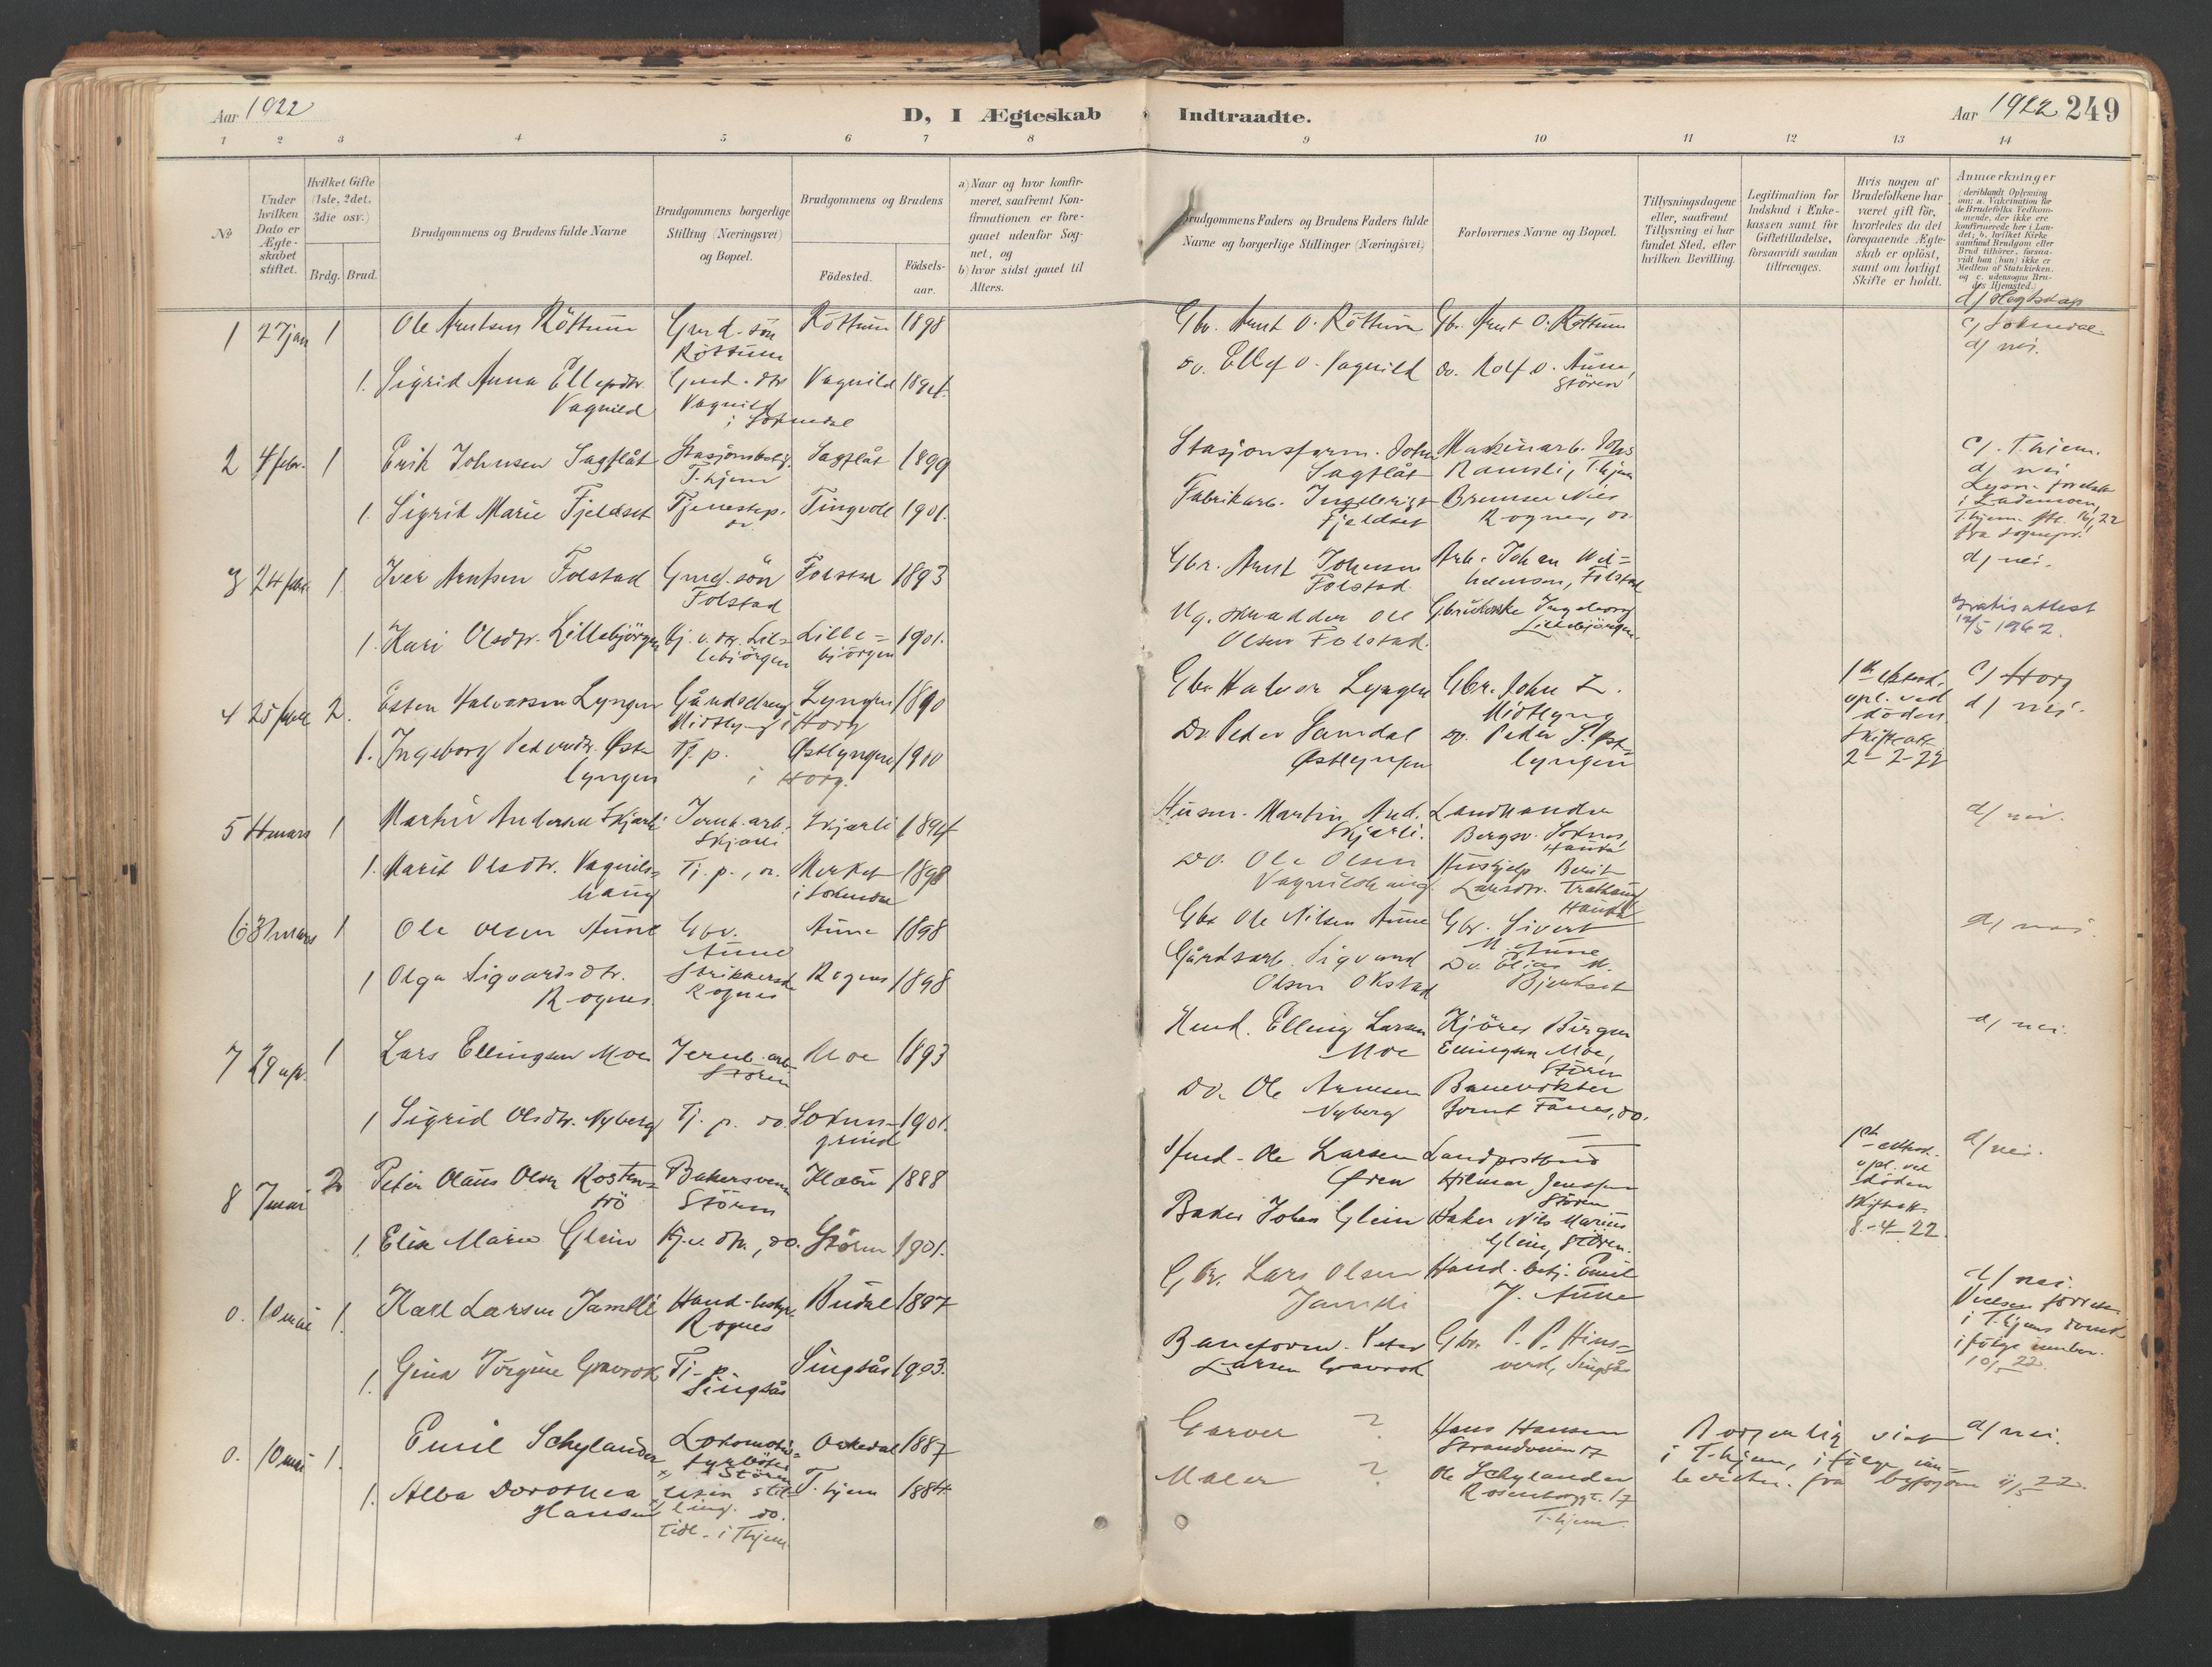 SAT, Ministerialprotokoller, klokkerbøker og fødselsregistre - Sør-Trøndelag, 687/L1004: Ministerialbok nr. 687A10, 1891-1923, s. 249